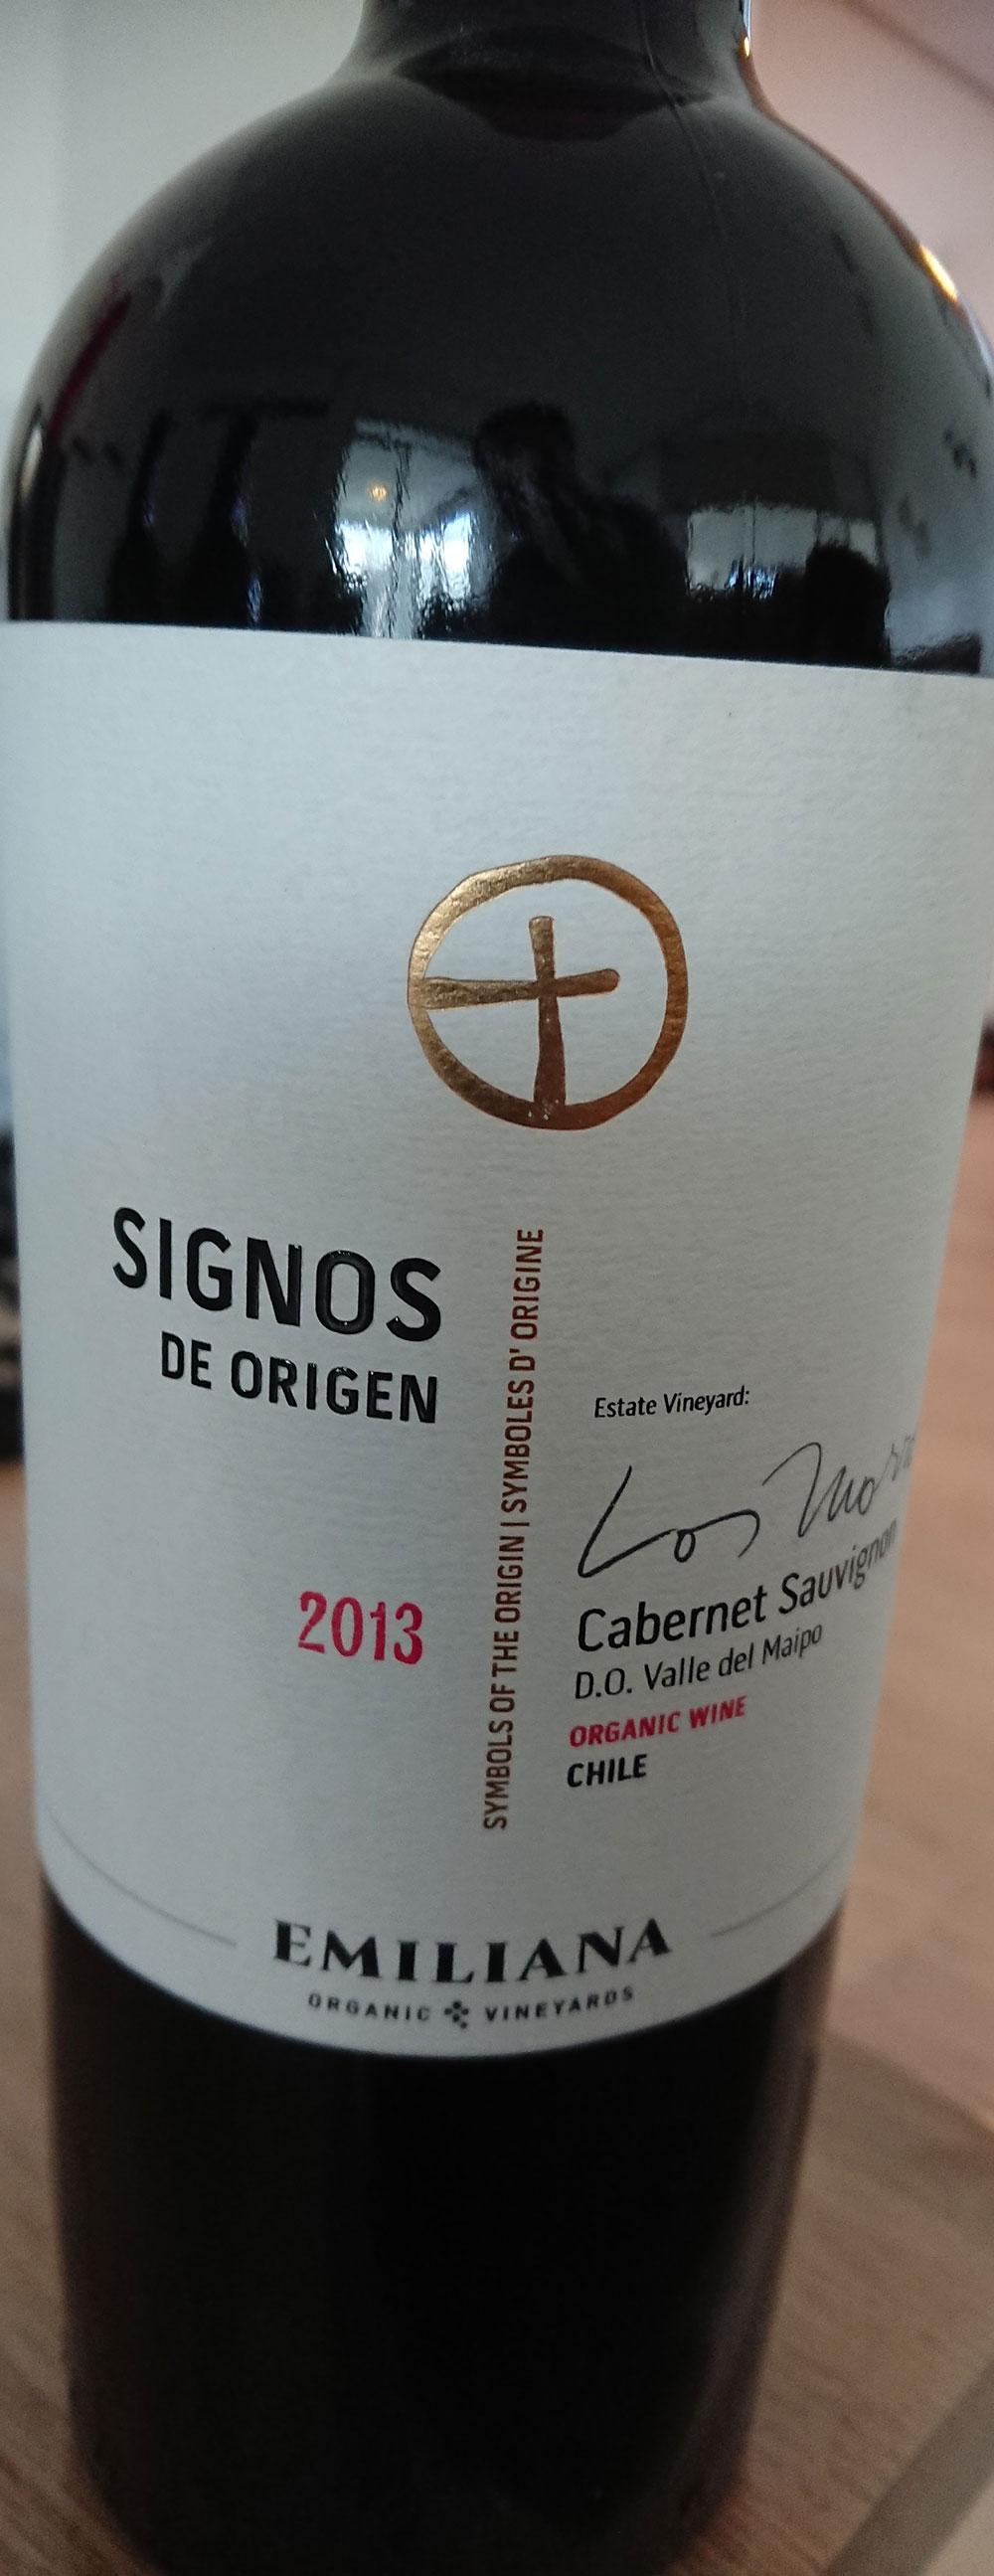 Signos de Origen Cabernet Sauvignon ( Vinedos Organicos Emiliana ) 2013